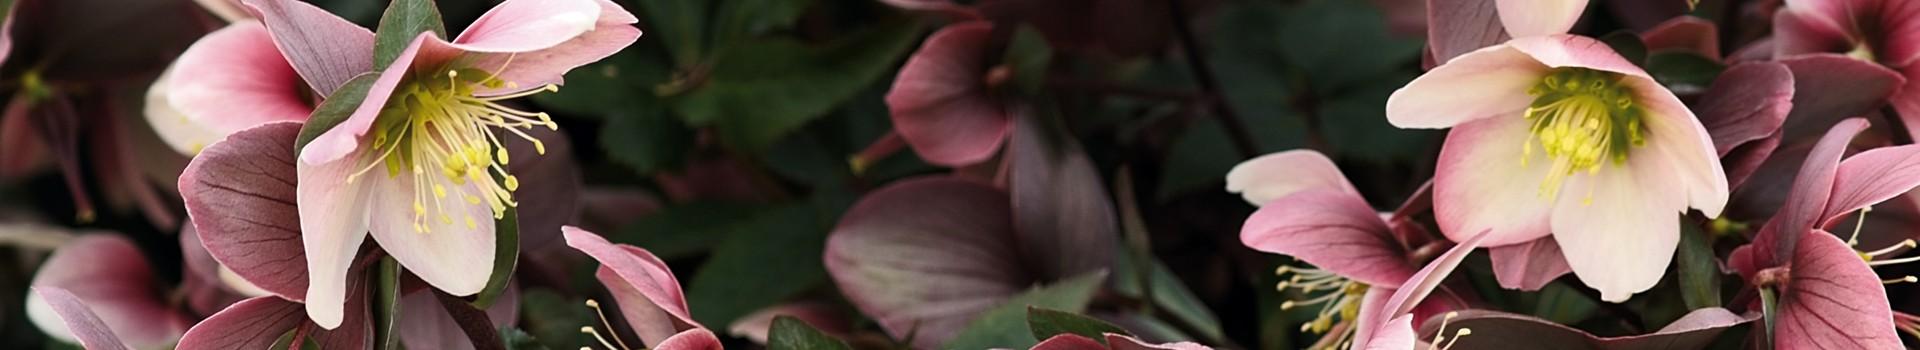 Helleborus Niger and its hybrids